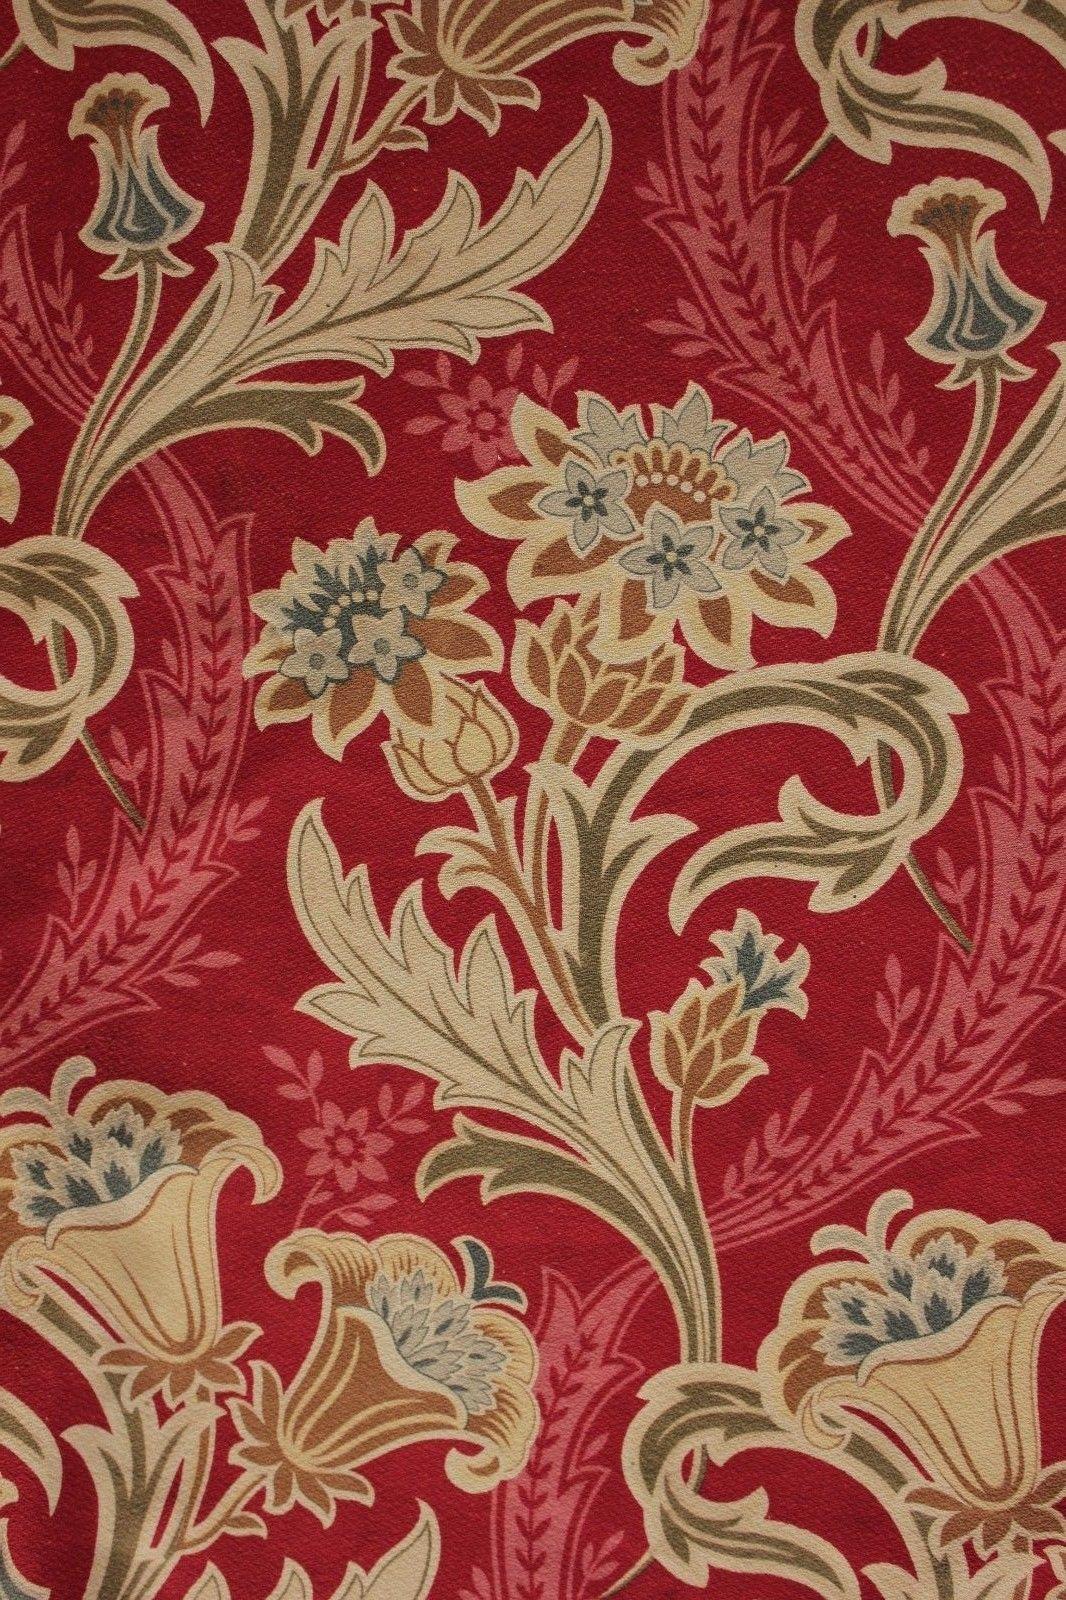 Antique French Art Nouveau Red Printed Cotton Cretonne ...